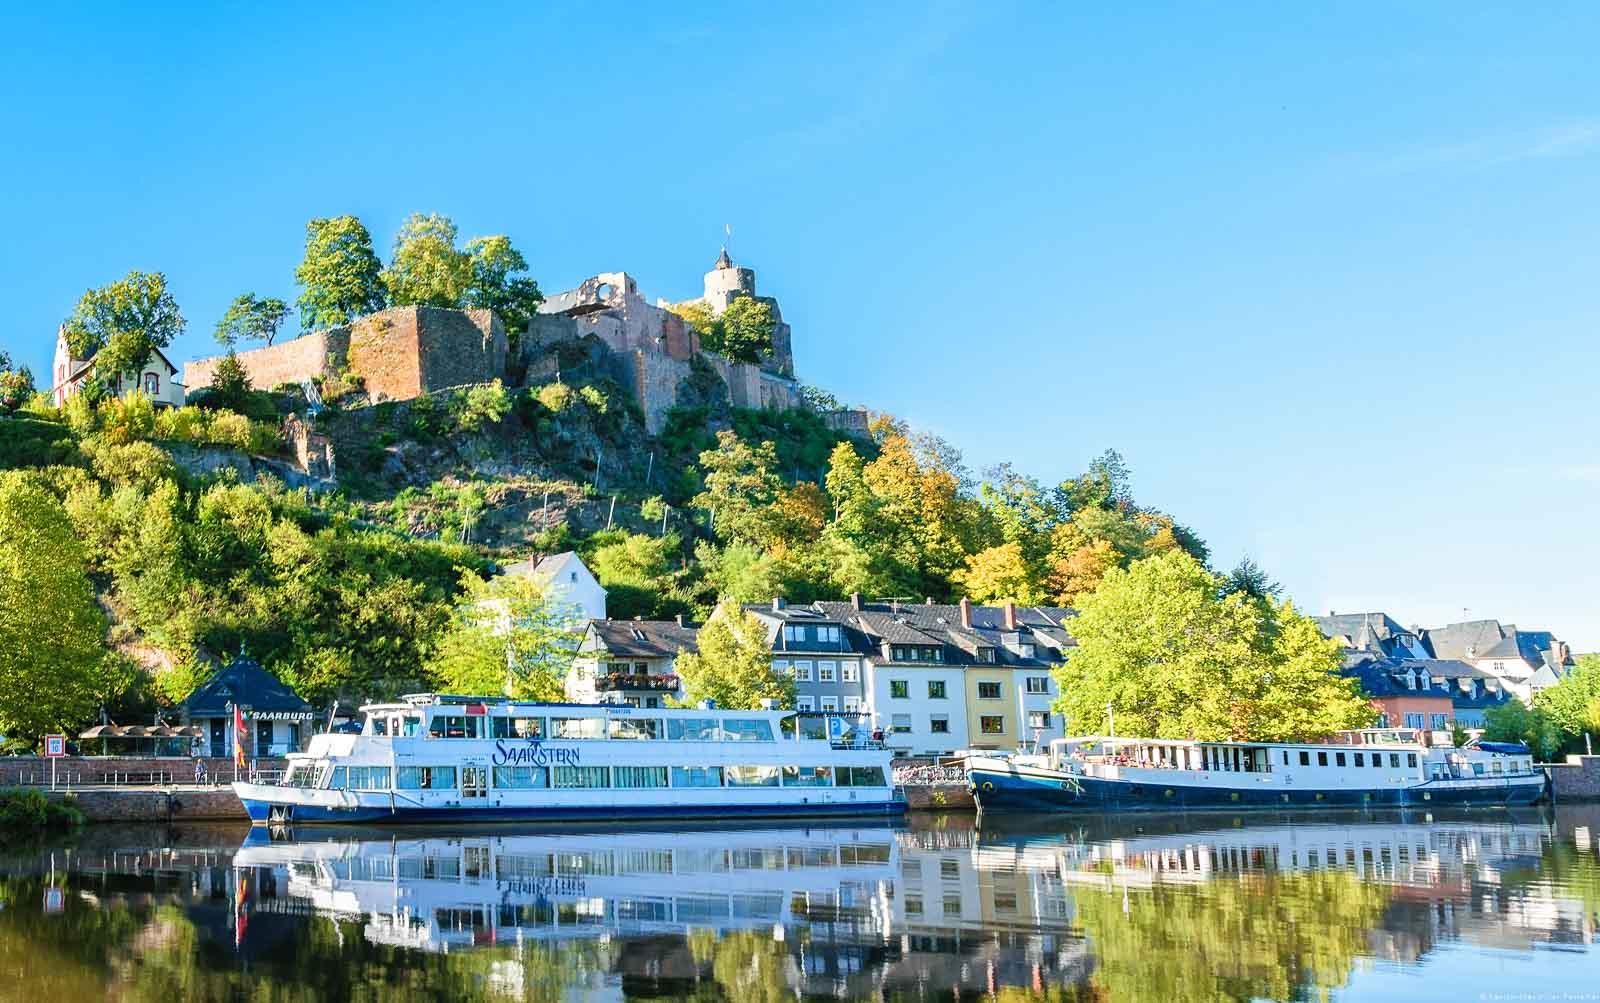 Vorne fließt der Fluss Saar. Am anderen Ufer ist ein Schiff. Dahinter befinden sich Häuser der Stadt Saarburg und ein Schloss auf einem steilen bewaldeten Hügel. Der Himmel ist oben blau.